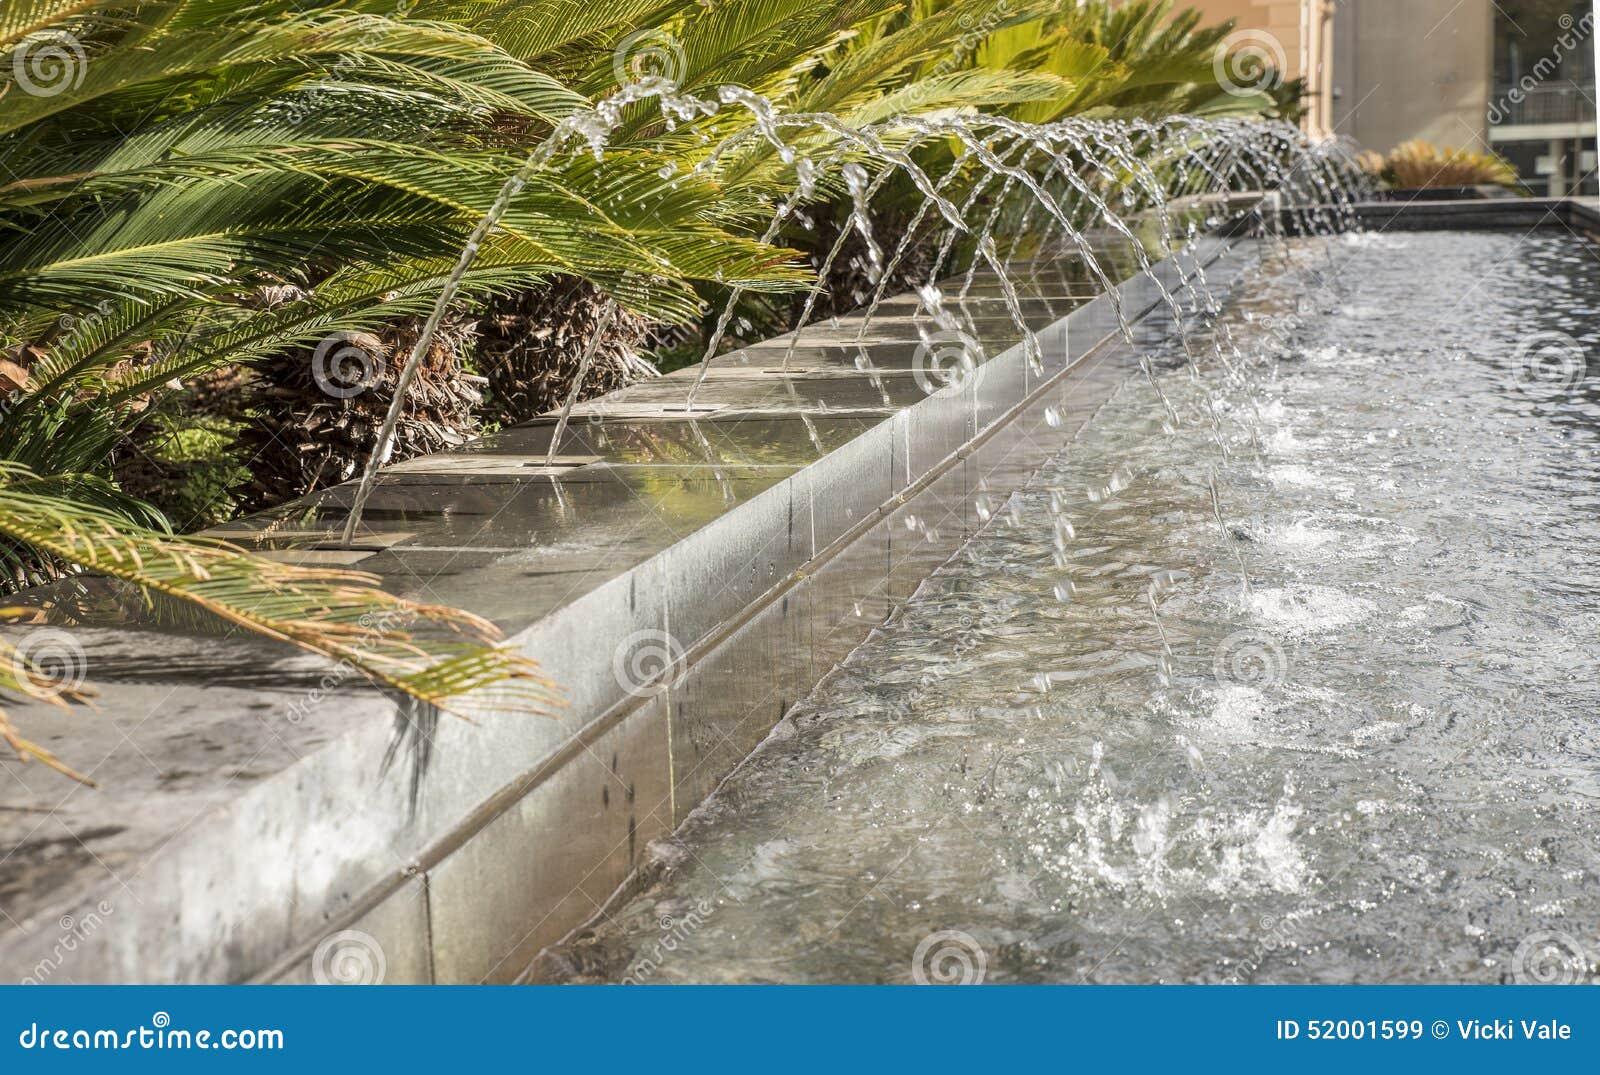 wasserbrunnen im garten stockbild. bild von brunnen, garten - 52001599